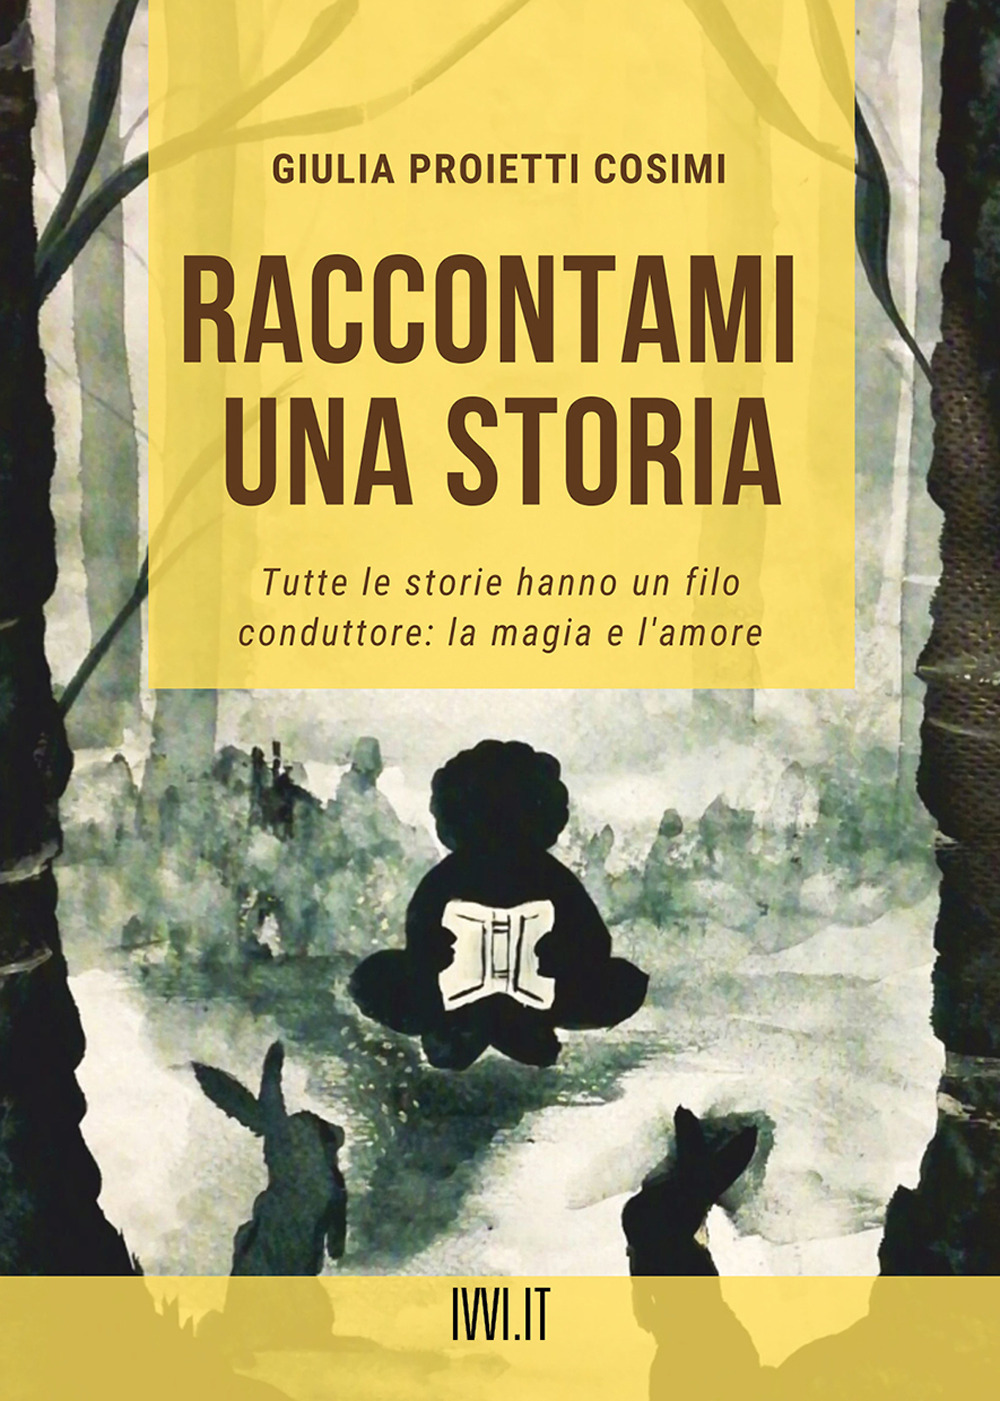 RACCONTAMI UNA STORIA - Proietti Cosimi Giulia - 9791280012296